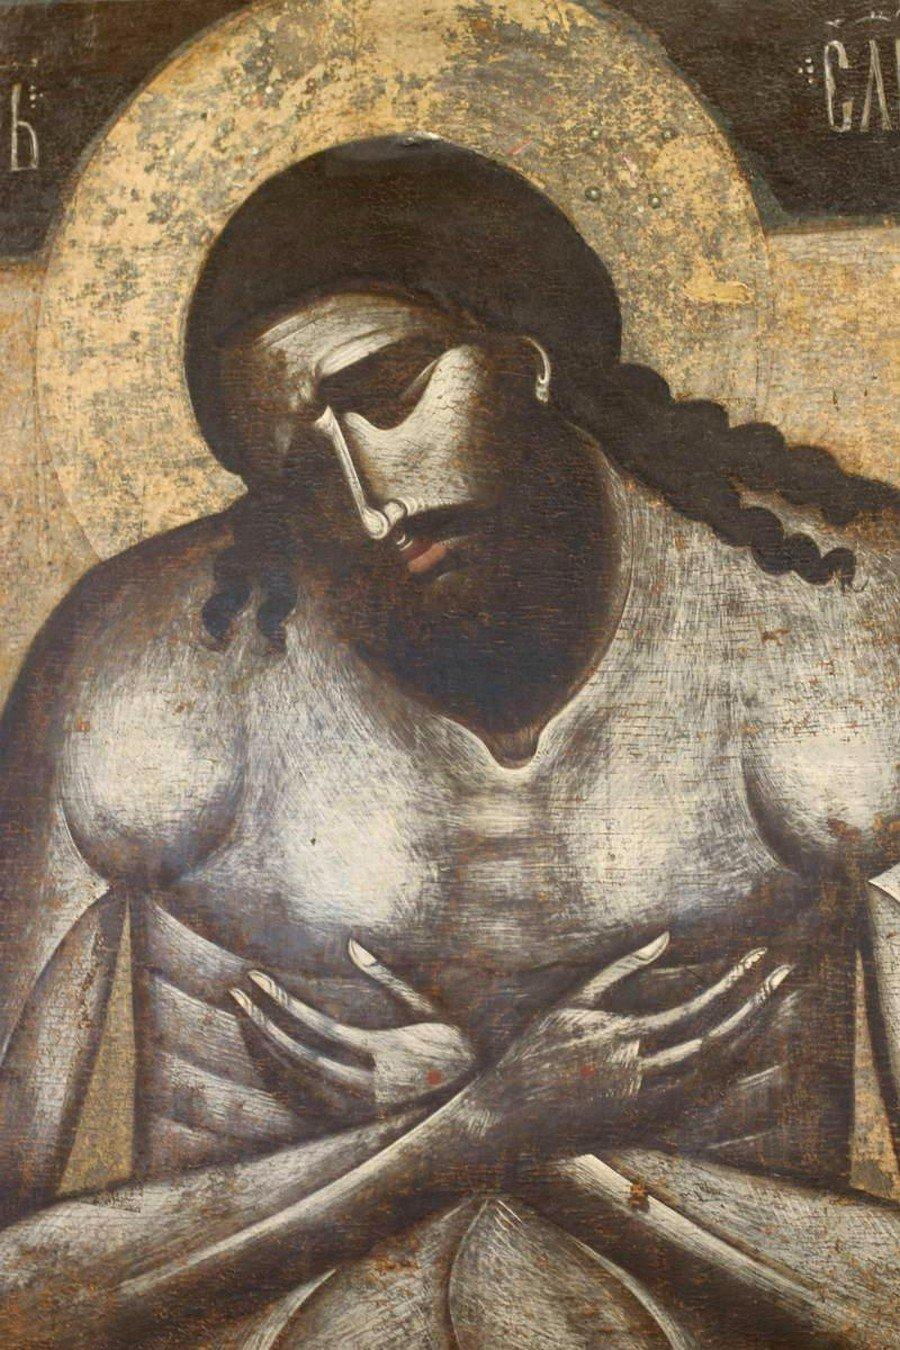 Христос во гробе (Христос Царь Славы). Балканская икона XIV века. ГТГ.